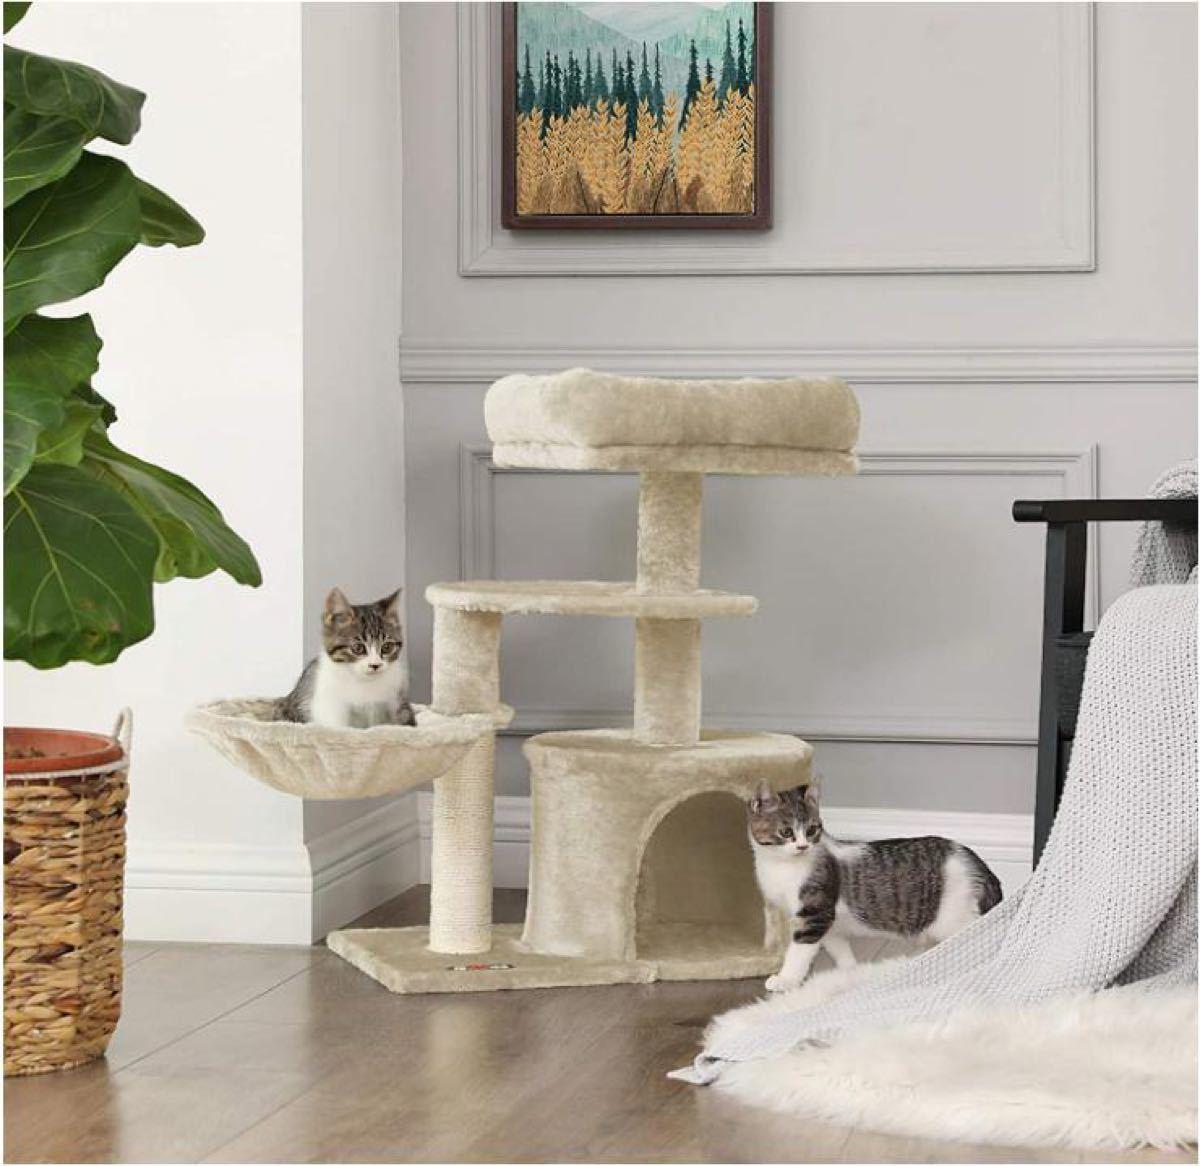 キャットタワー ミニ 子猫やシニア猫にお勧め 省スペース 爪とぎ 高さ68cm